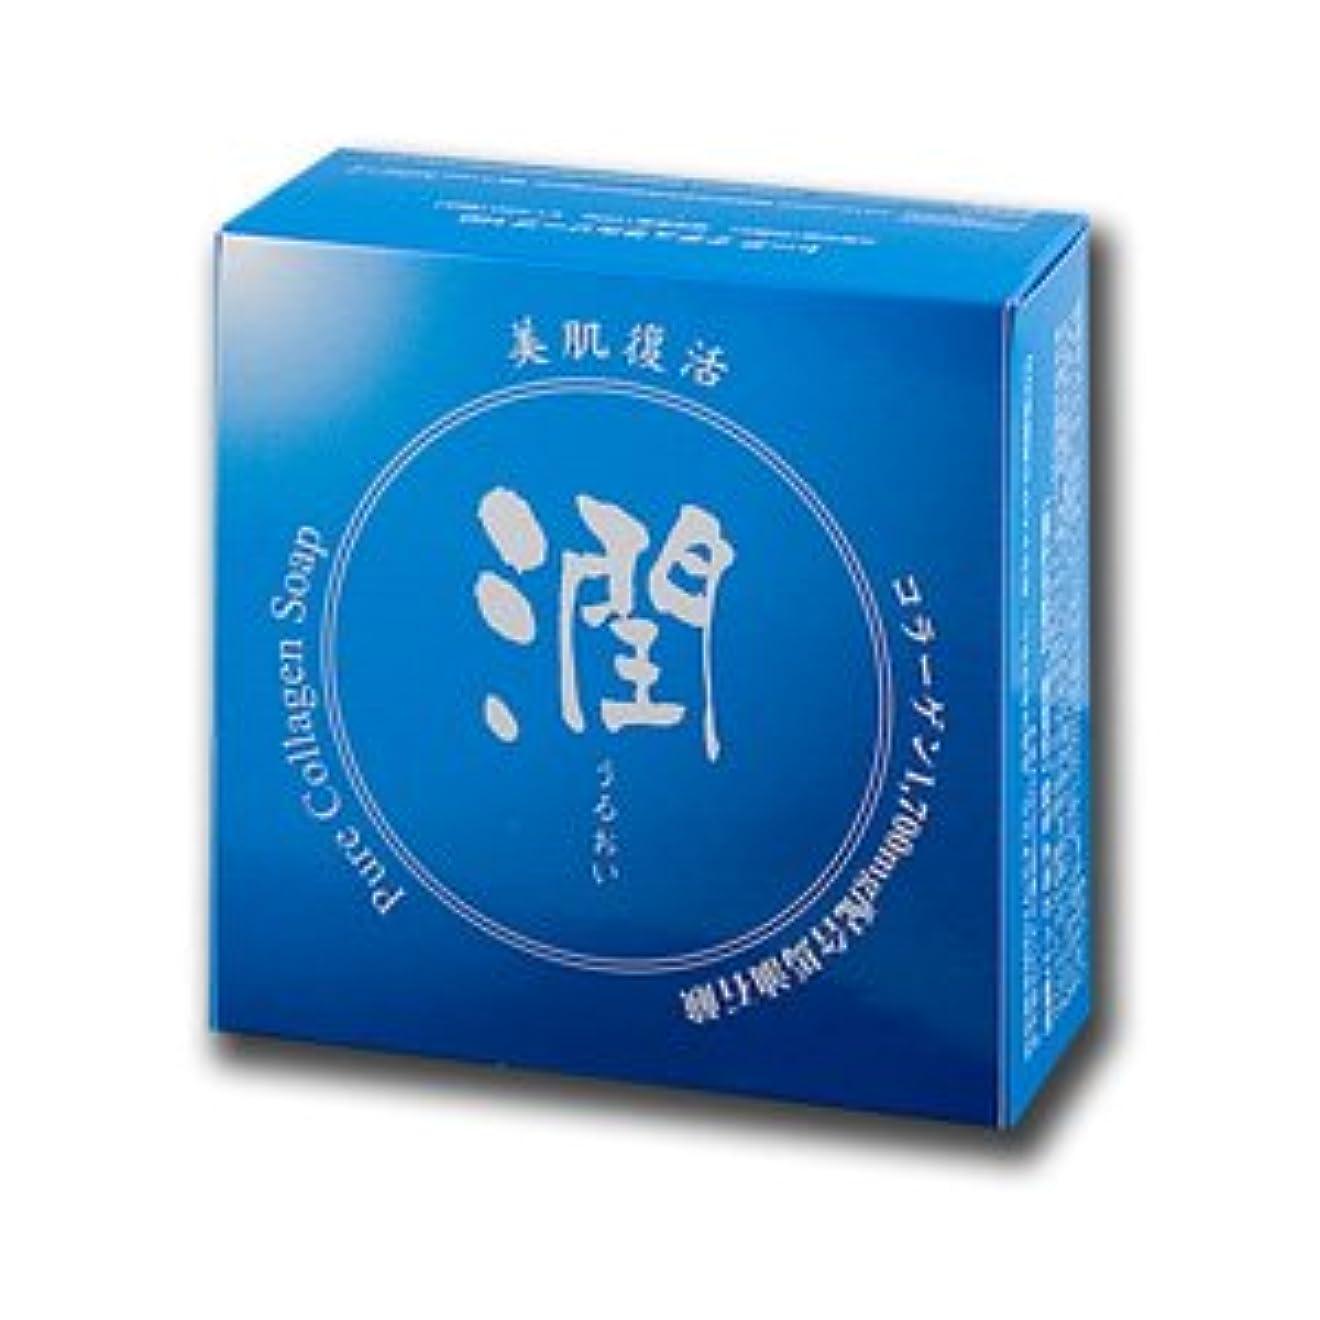 未来バケツ柔和コラーゲン馬油石鹸 潤 100g (#800410) ×5個セット